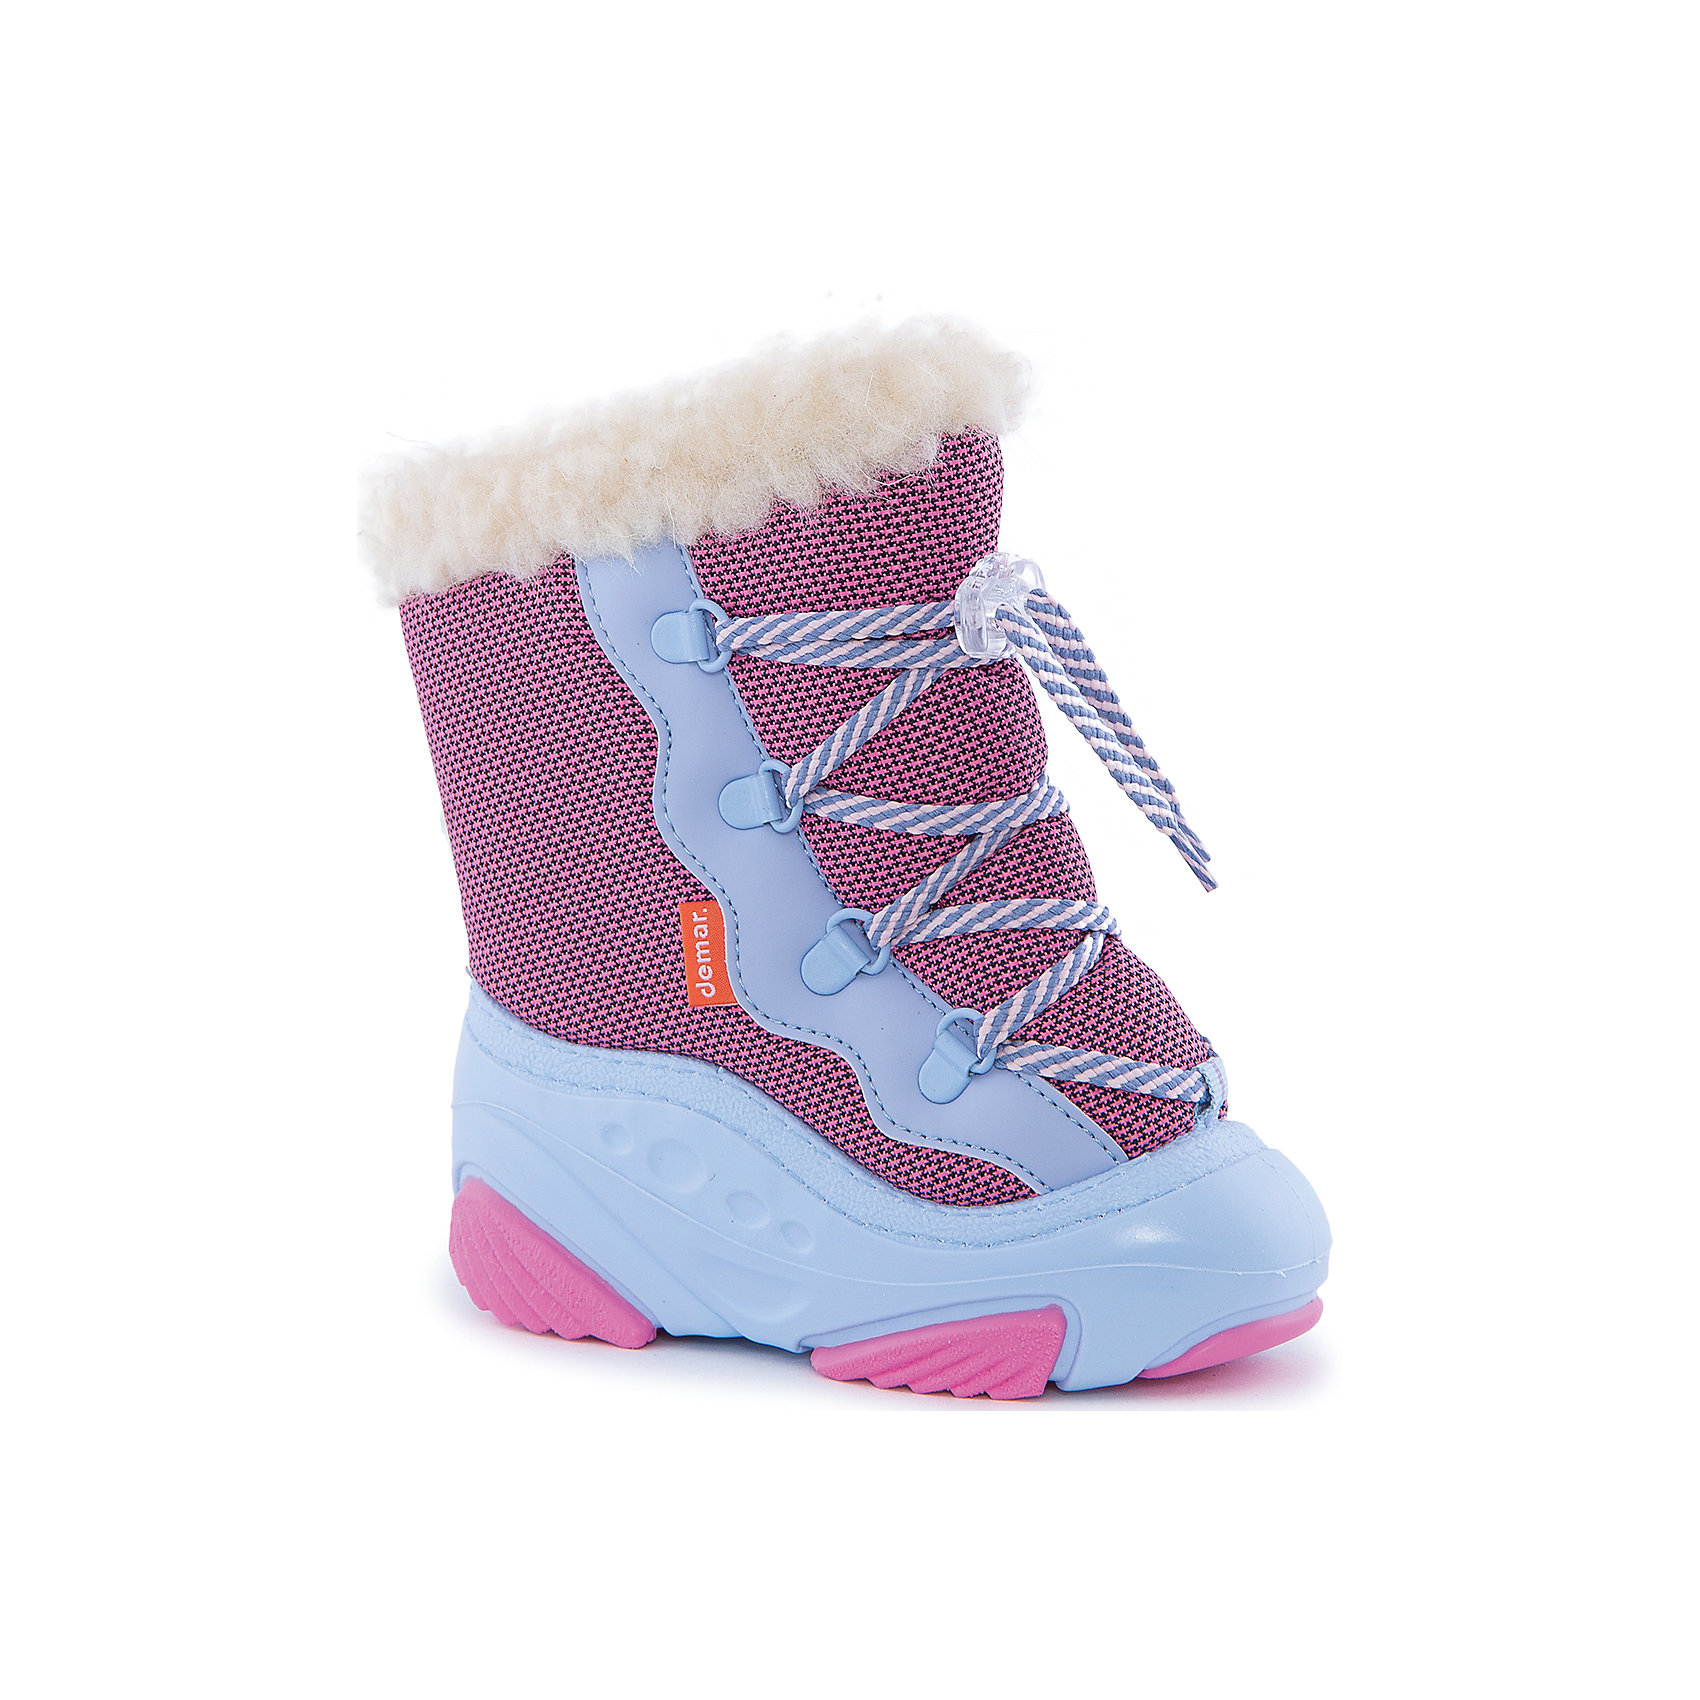 Сноубутсы Snow Mar для девочки DemarСноубутсы<br>Характеристики товара:<br><br>• цвет: розовый<br>• материал верха: текстиль<br>• материал подкладки: 100% натуральная шерсть <br>• материал подошвы: ТЭП<br>• температурный режим: от -25° до 0° С<br>• верх не продувается, пропитка от грязи и влаги<br>• анискользящая подошва<br>• шнуровка<br>• усиленные пятка и носок<br>• страна бренда: Польша<br>• страна изготовитель: Польша<br><br>Зима - это время катания с горок, игр в снежки, лепки снеговиков и прогулок в снегопад! Чтобы не пропустить главные зимние удовольствия, нужно запастись теплой и удобной обувью. Такие сапожки обеспечат ребенку необходимый для активного отдыха комфорт, а подкладка из натуральной овечьей шерсти позволит ножкам оставаться теплыми. Сапожки легко надеваются и снимаются, отлично сидят на ноге. Они удивительно легкие!<br>Обувь от польского бренда Demar - это качественные товары, созданные с применением новейших технологий и с использованием как натуральных, так и высокотехнологичных материалов. Обувь отличается стильным дизайном и продуманной конструкцией. Изделие производится из качественных и проверенных материалов, которые безопасны для детей.<br><br>Сапожки для девочки от бренда Demar (Демар) можно купить в нашем интернет-магазине.<br><br>Ширина мм: 257<br>Глубина мм: 180<br>Высота мм: 130<br>Вес г: 420<br>Цвет: розовый<br>Возраст от месяцев: 48<br>Возраст до месяцев: 60<br>Пол: Женский<br>Возраст: Детский<br>Размер: 28/29,24/25,22/23,20/21,26/27<br>SKU: 4366123